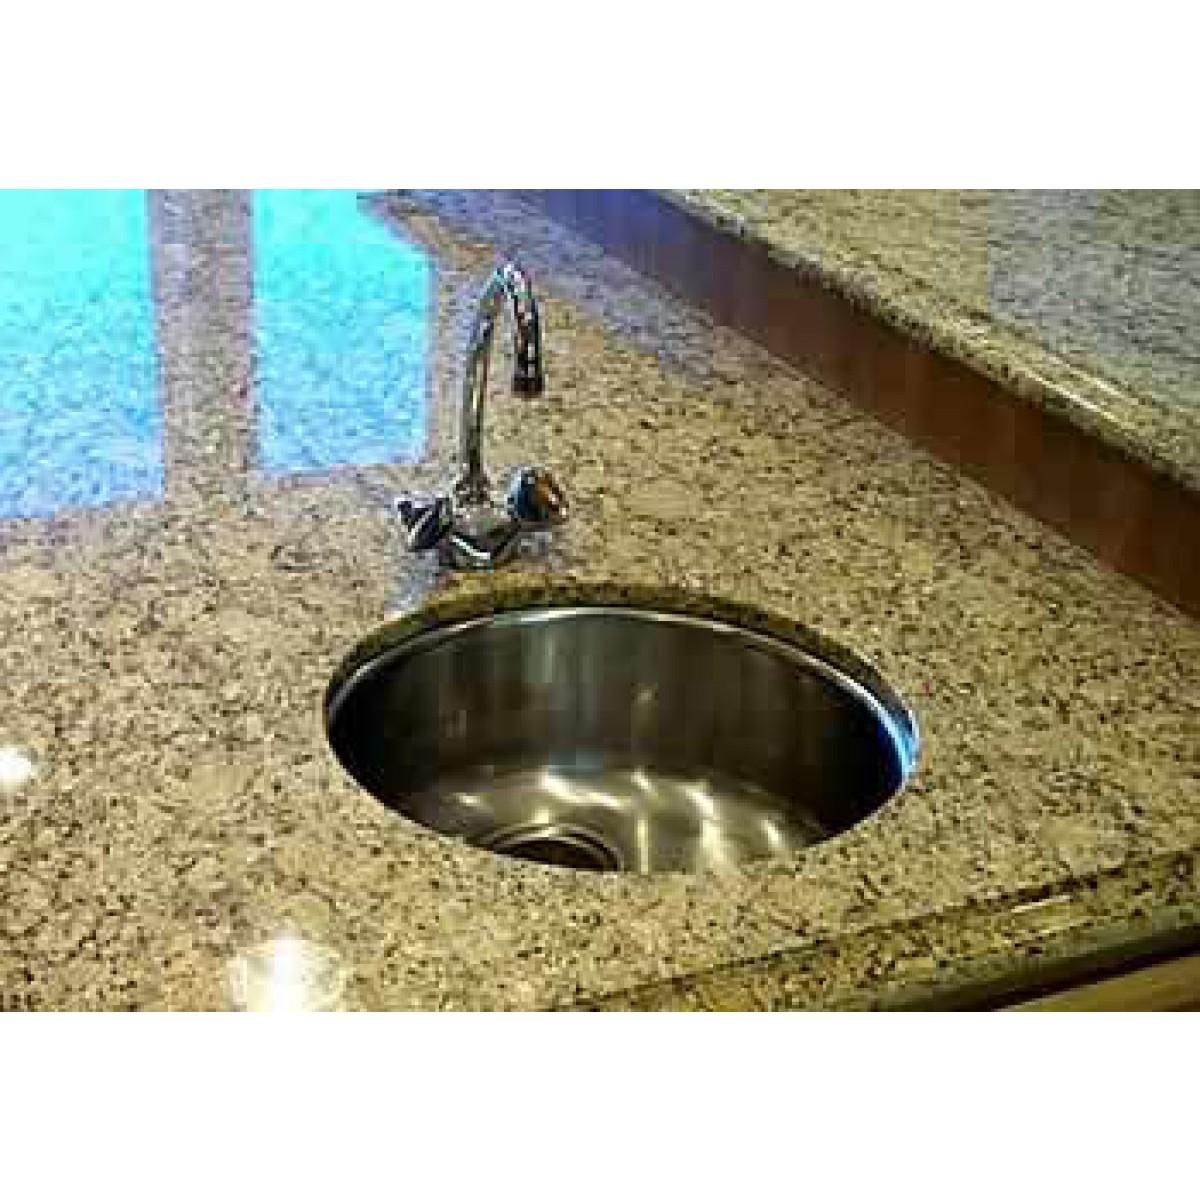 Bella 18 Inch Premium 16 Gauge Stainless Steel Undermount Single Bowl Kitchen Bar Prep Sink Round With Free Accessories